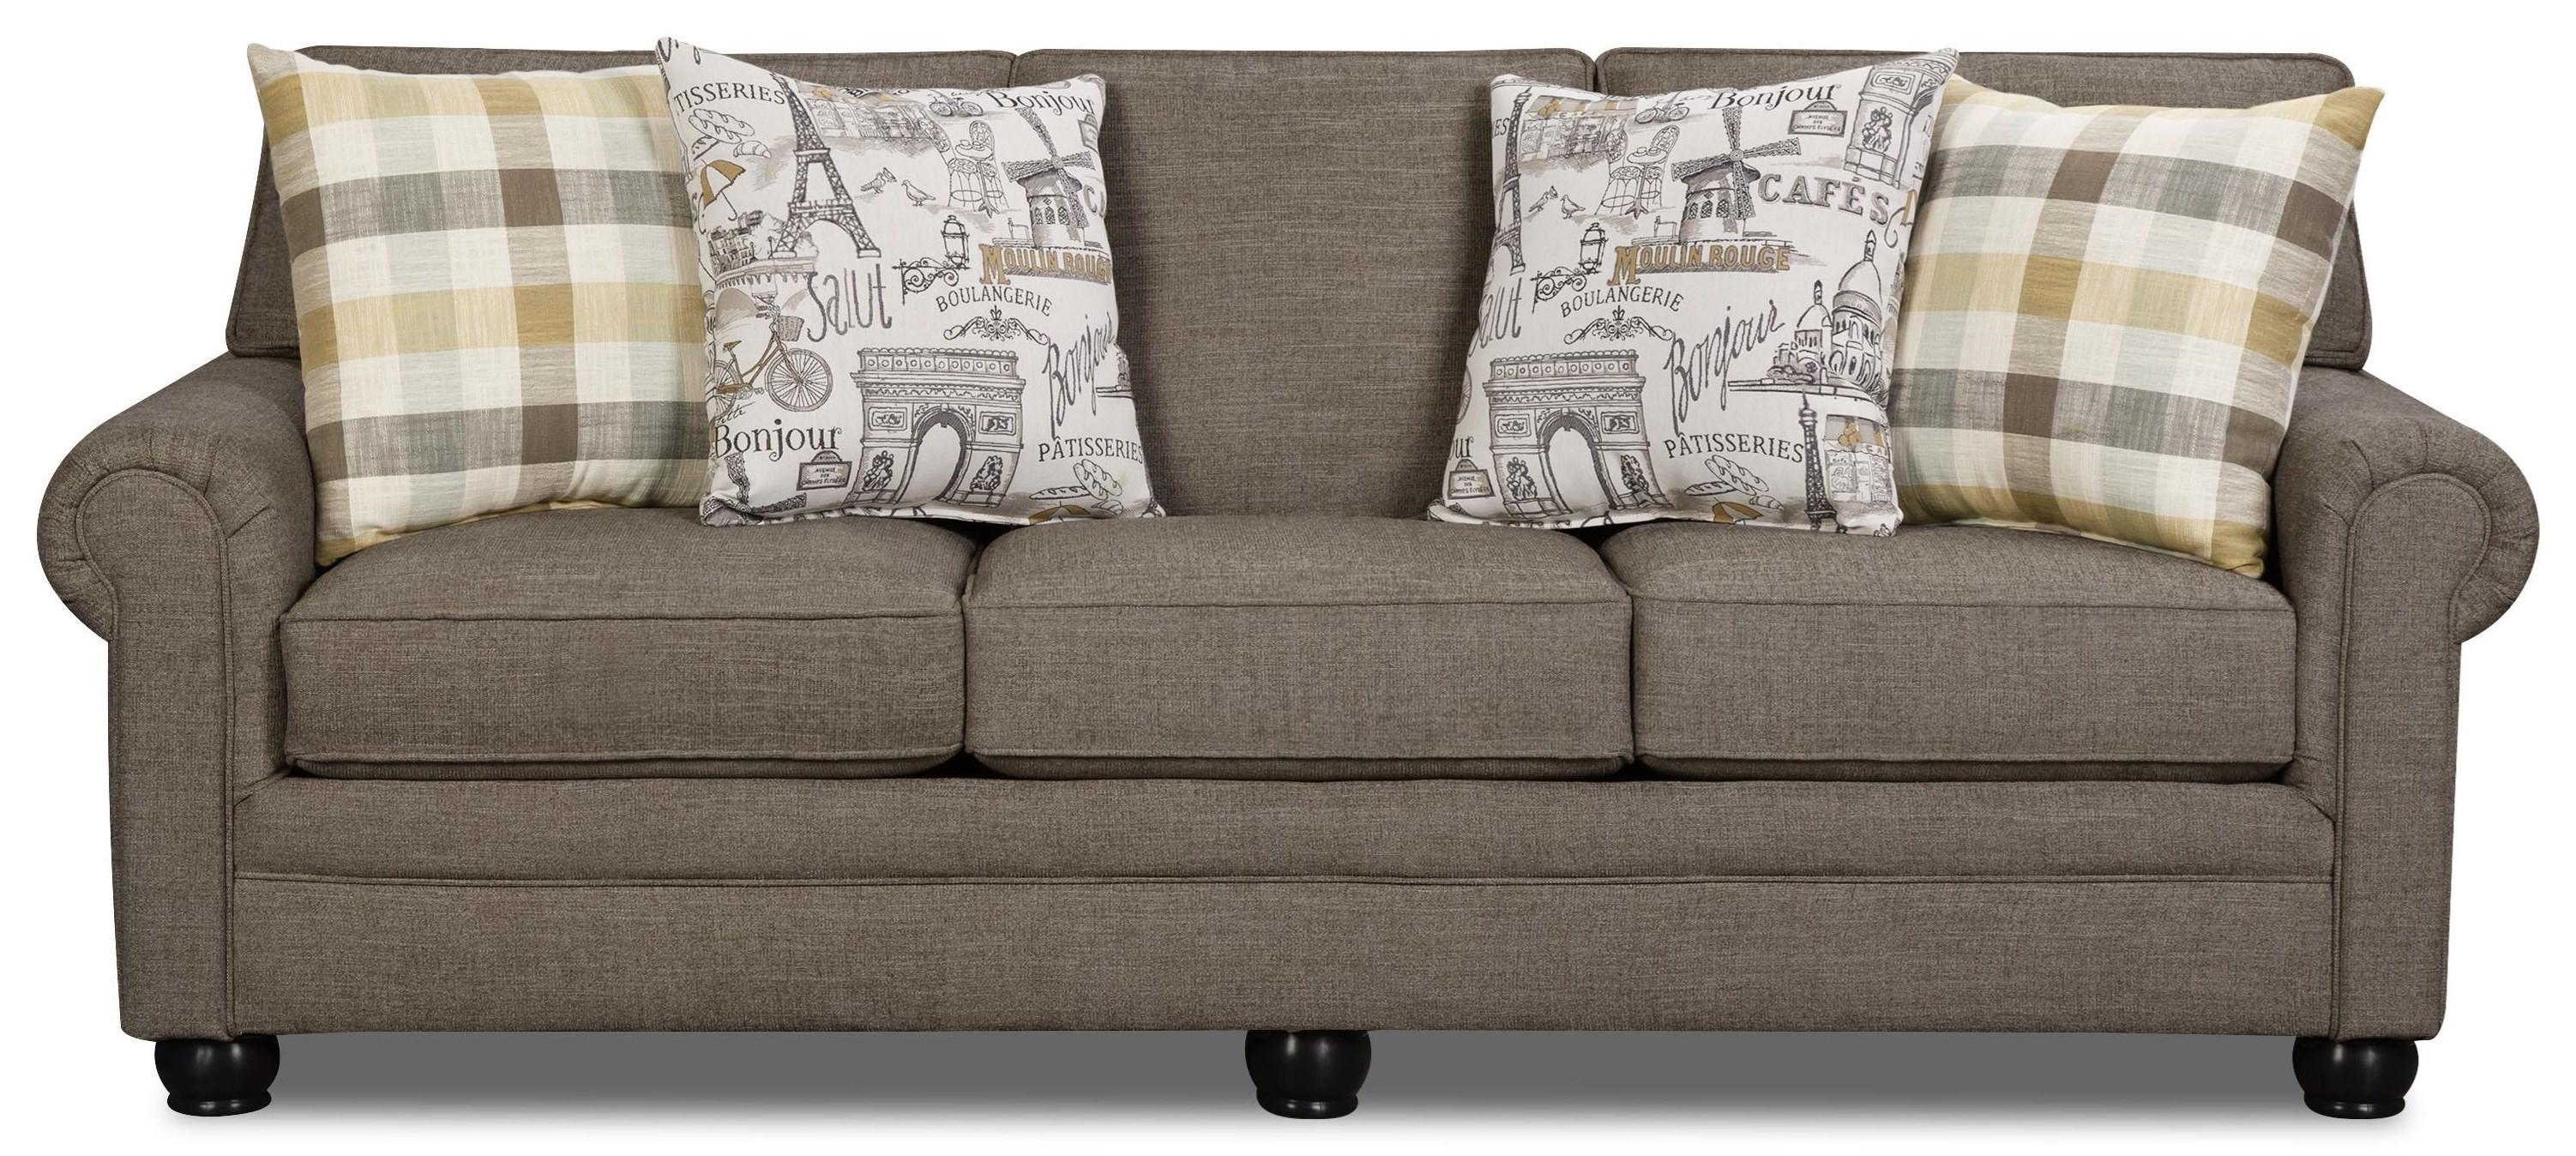 Shadow Sleeper Sofa